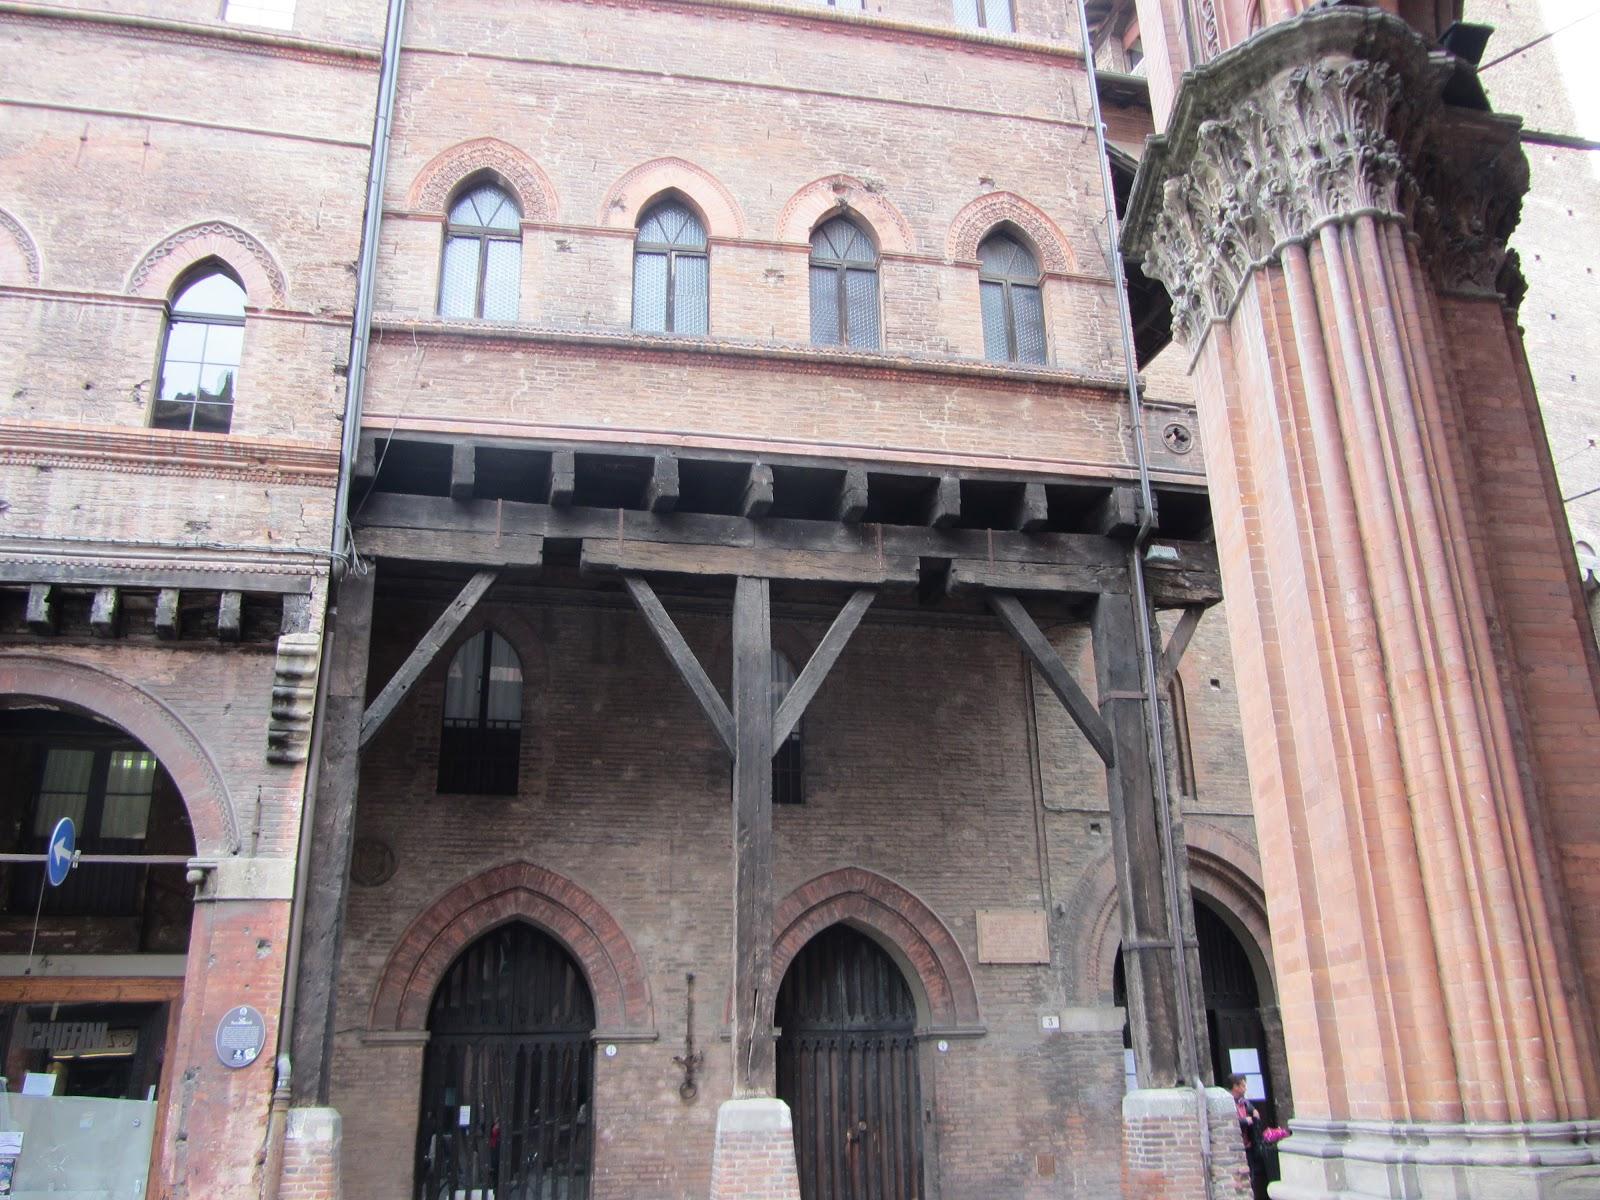 Johncristiani bologna i portici - Piazza di porta saragozza bologna ...